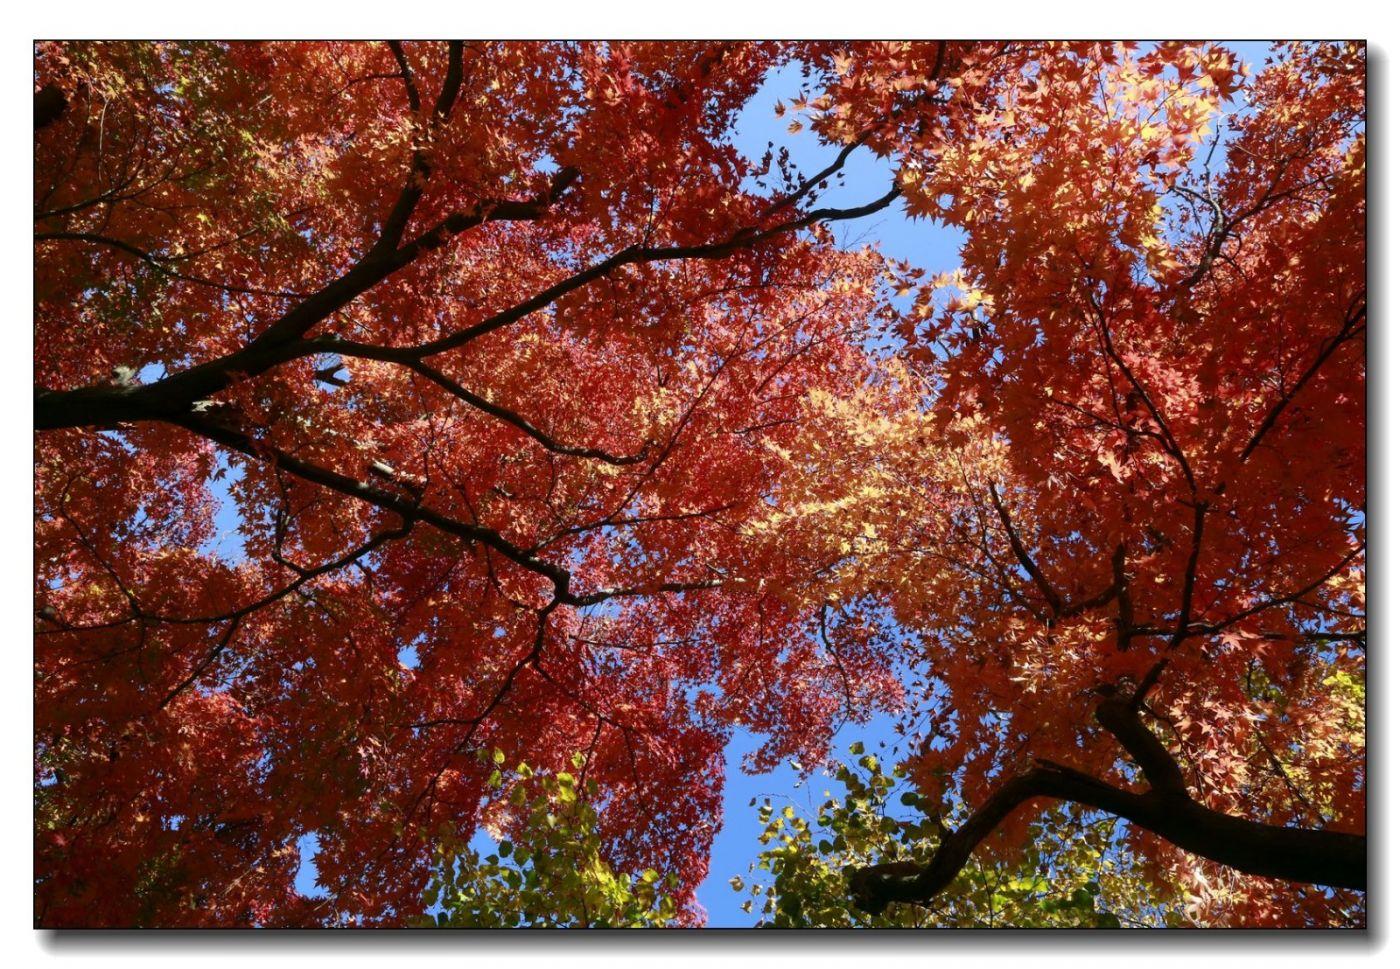 深秋色彩-凯辛娜公园2_图1-9